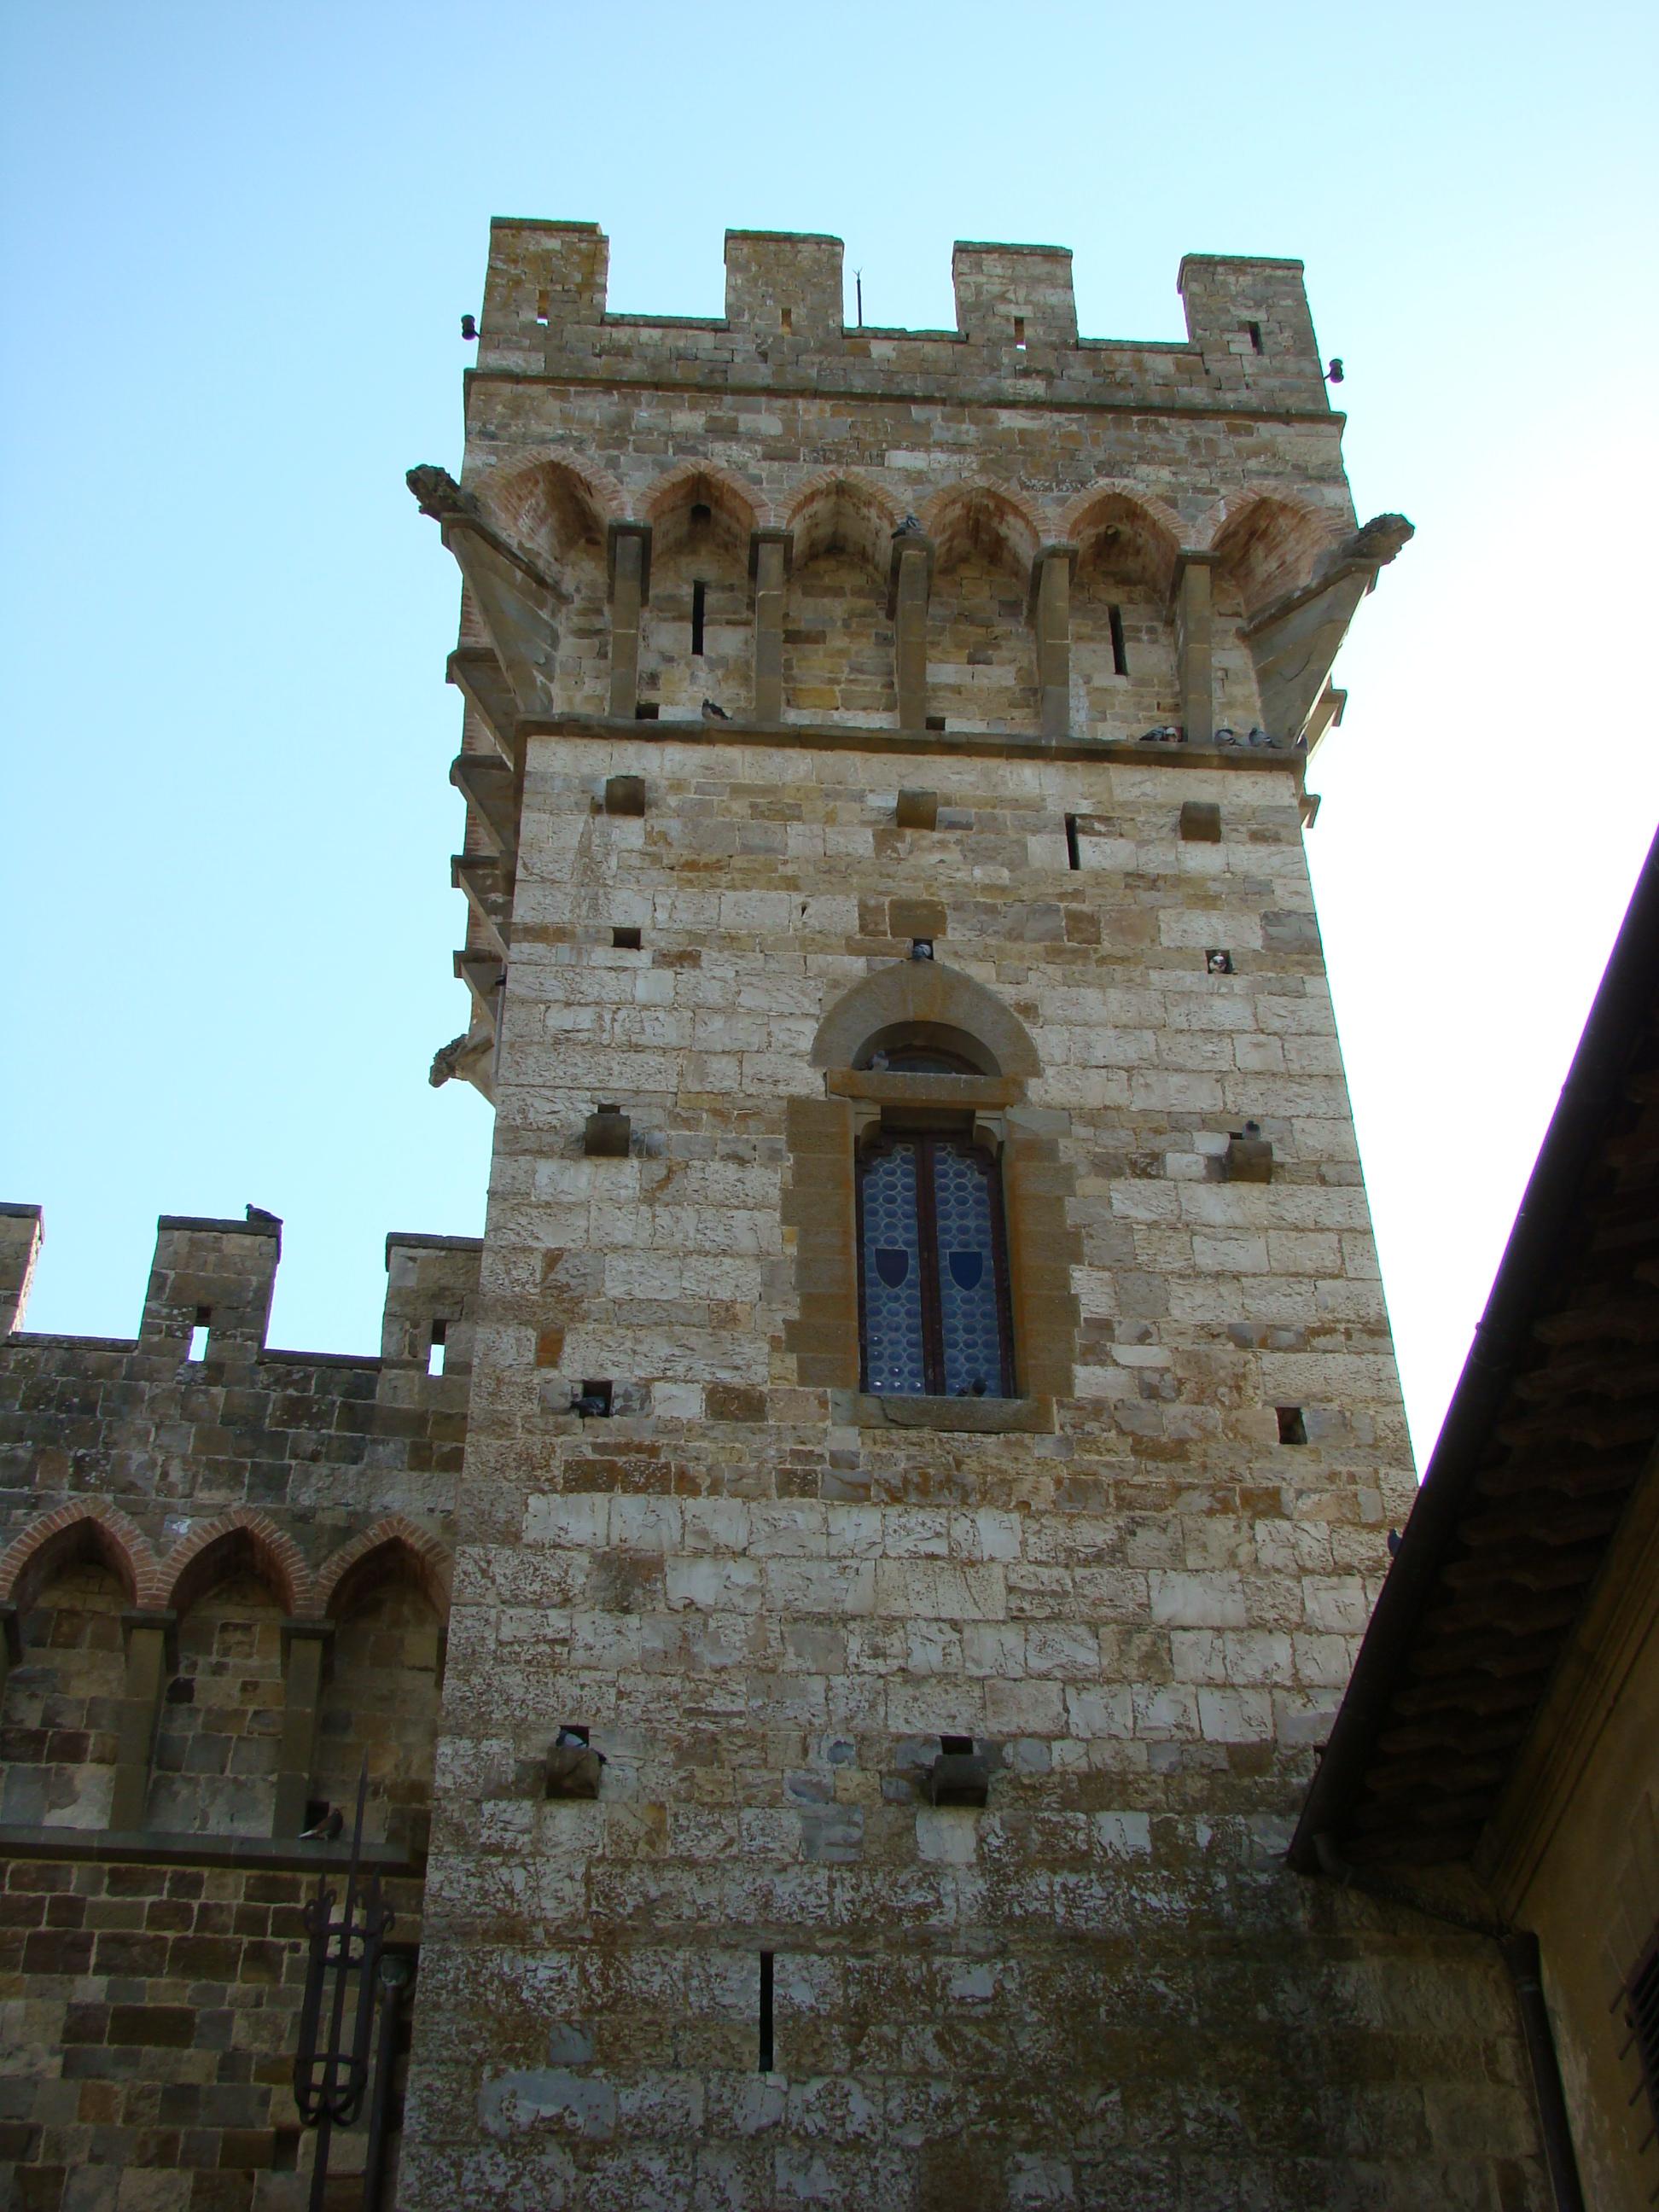 Torre nel complesso della Badia a Passignano (di Giuliana Profeti)